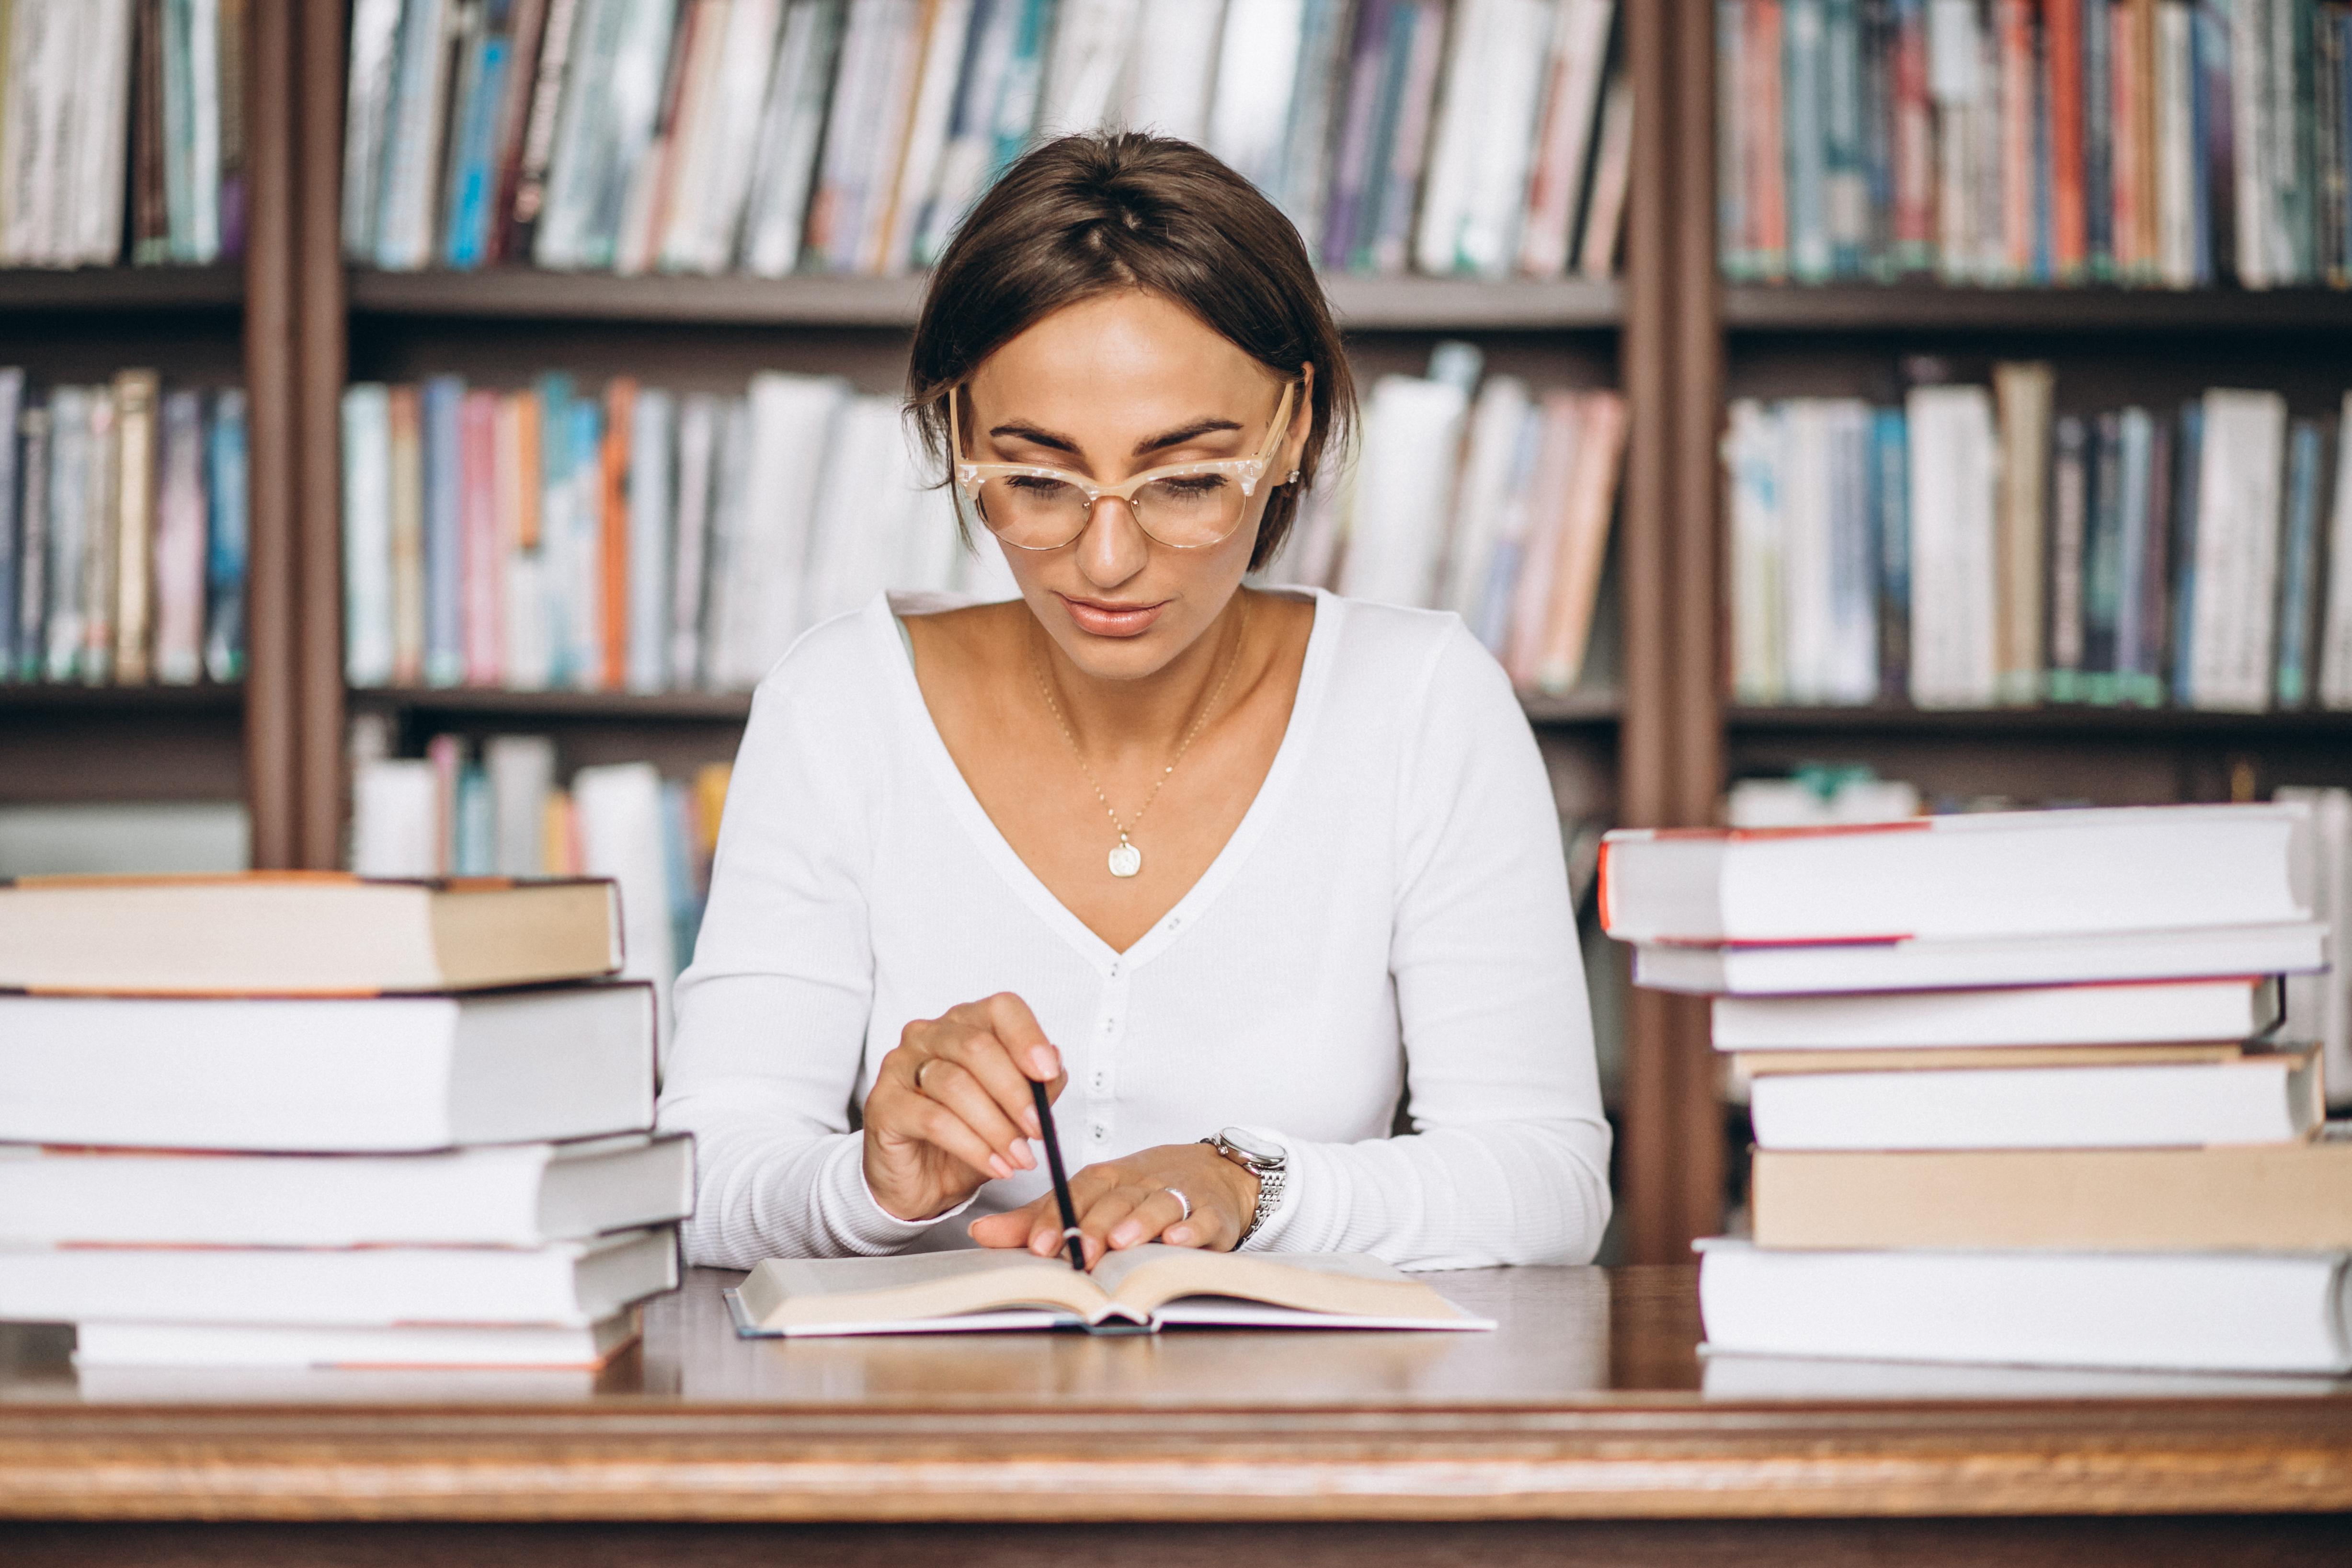 Como organizar uma rotina de estudo produtiva